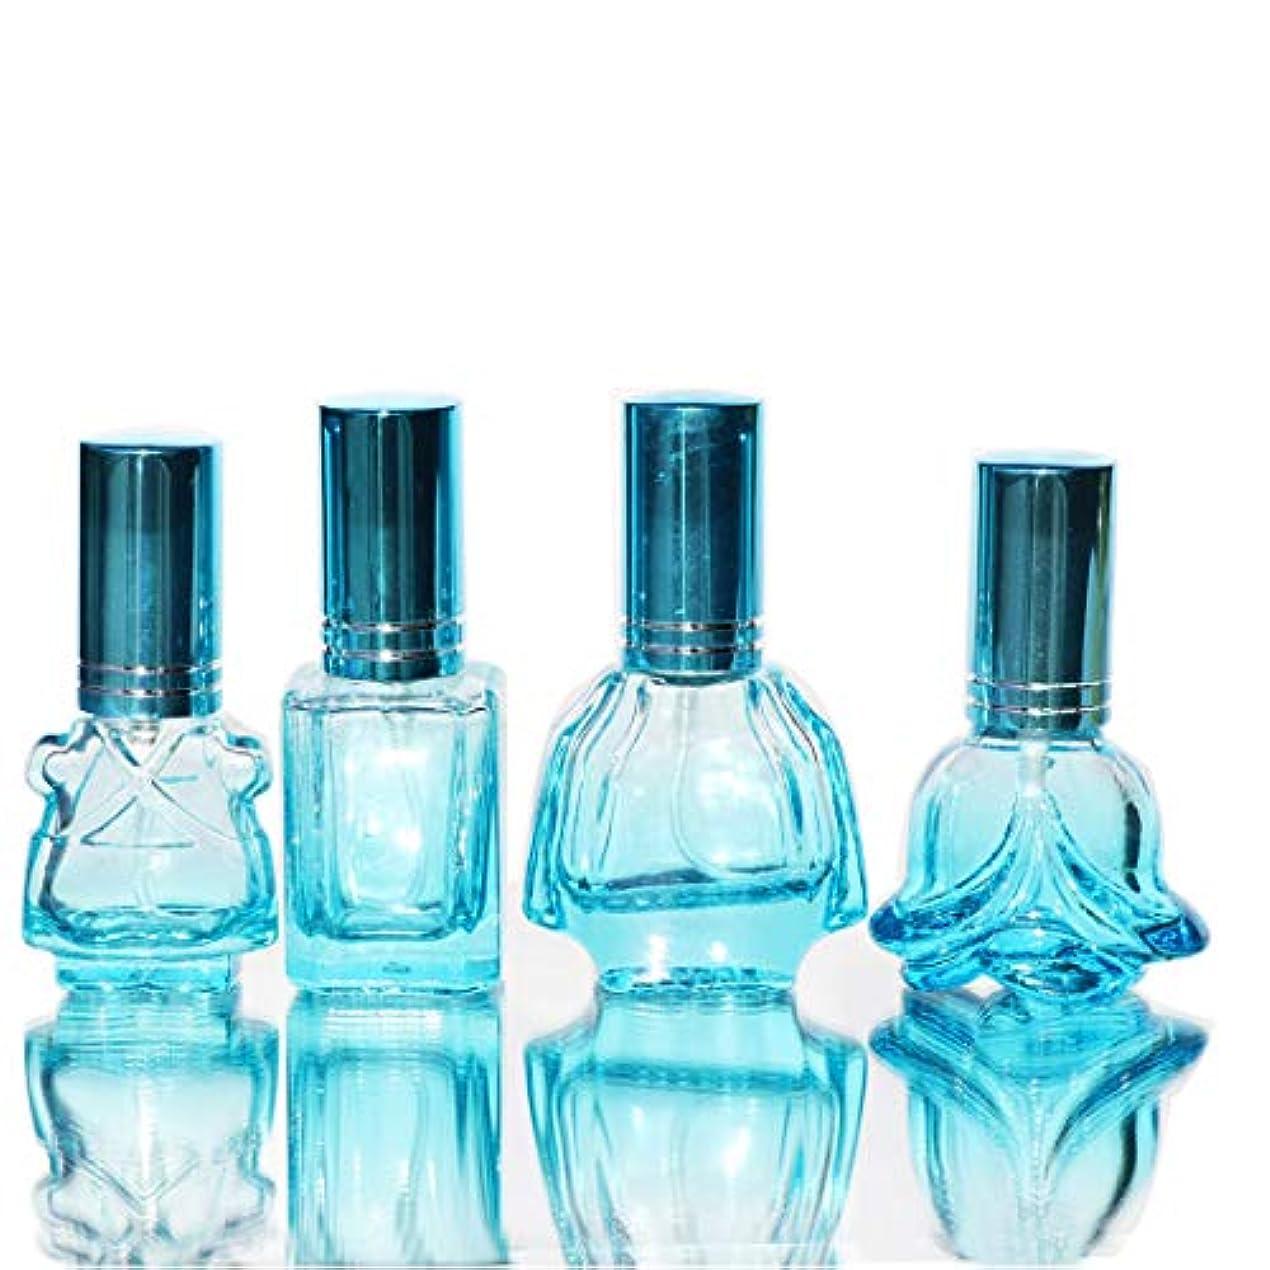 熱心なバレーボールリーダーシップWaltz&F カラフル ガラス製香水瓶 フレグランスボトル 詰替用瓶 空き アトマイザー 分け瓶 旅行用品 化粧水用瓶